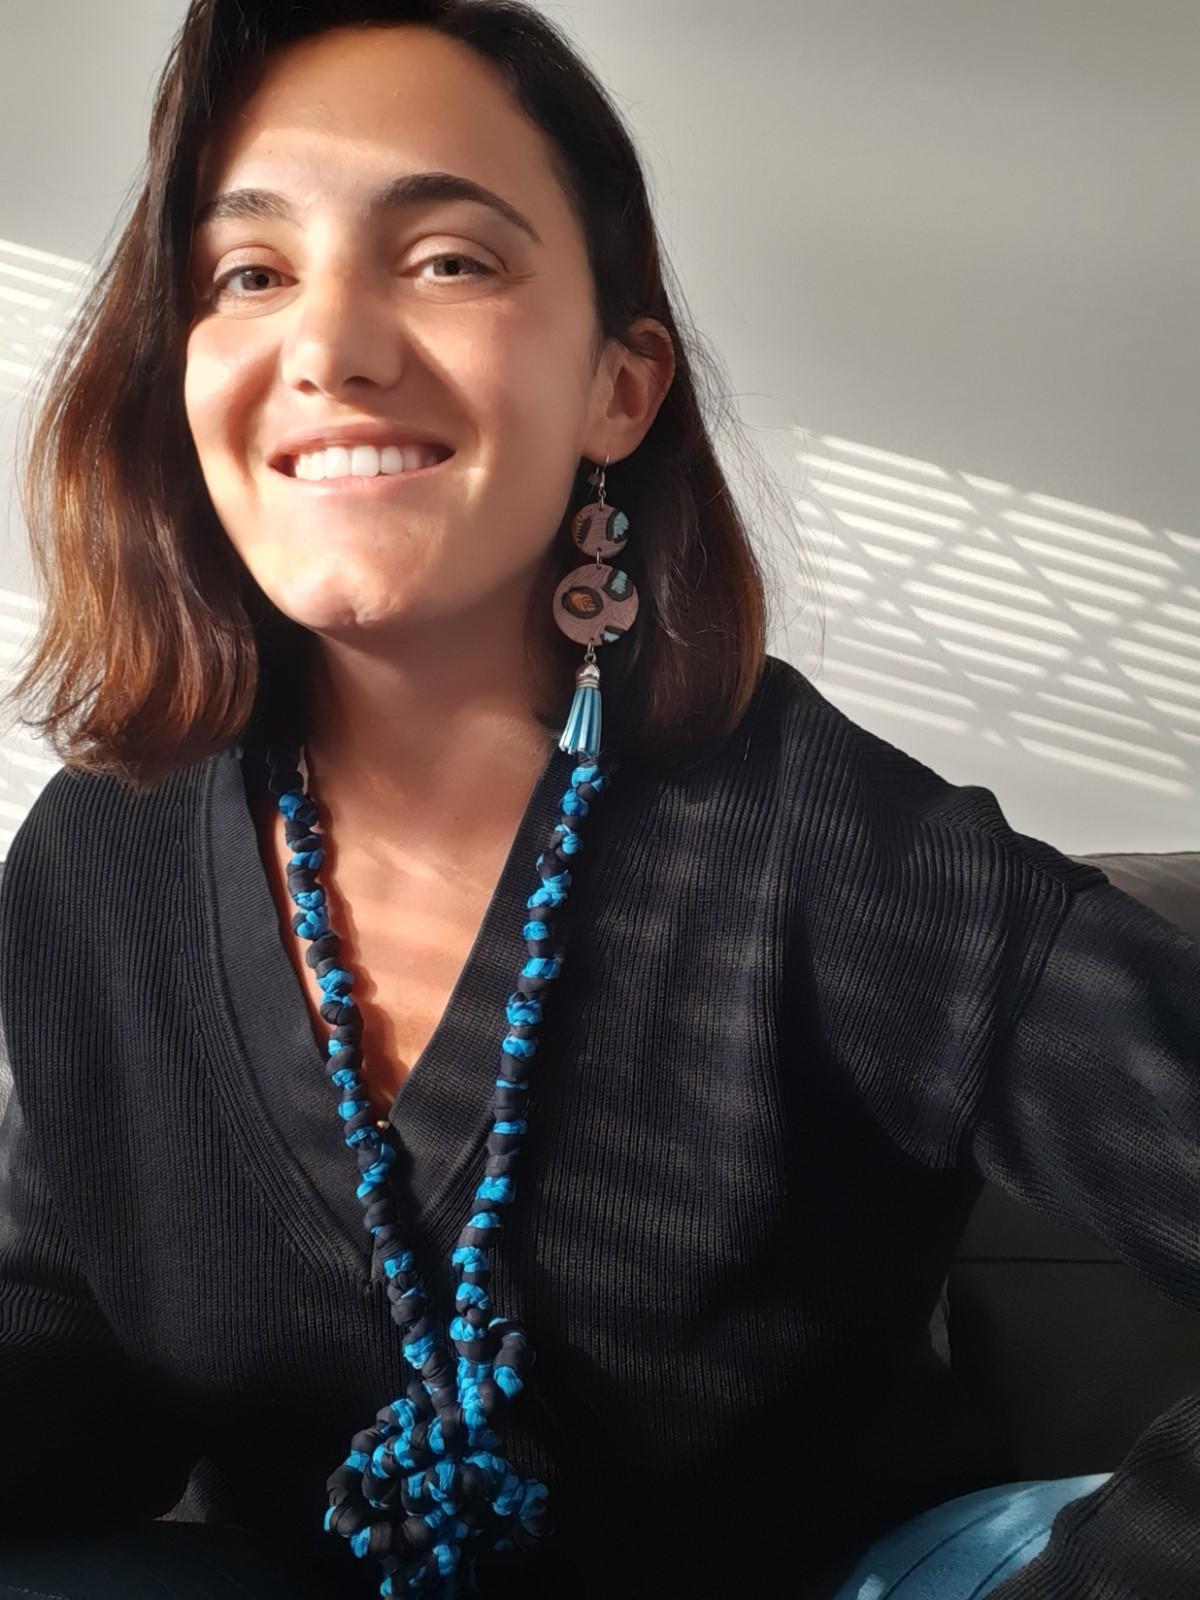 Beatrice Mascione